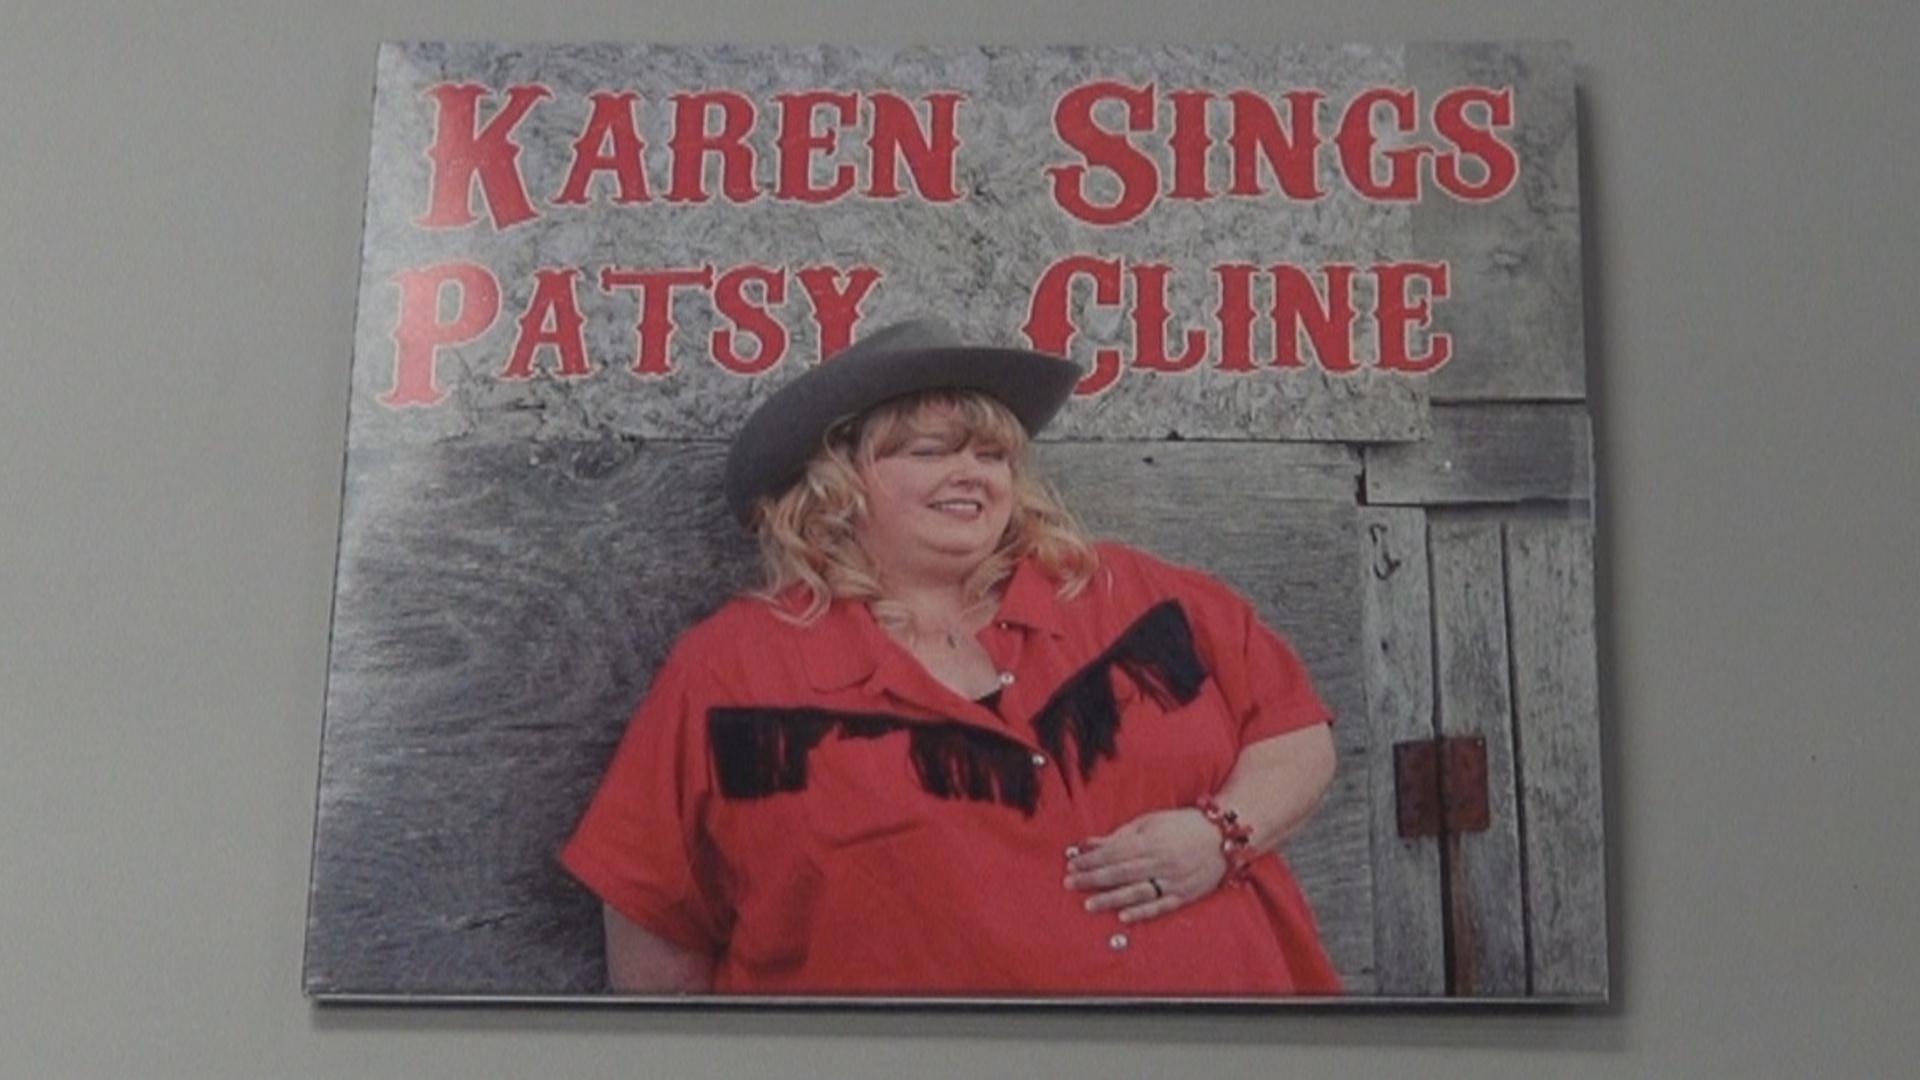 KAREN SINGS PATSY CLINE.jpg